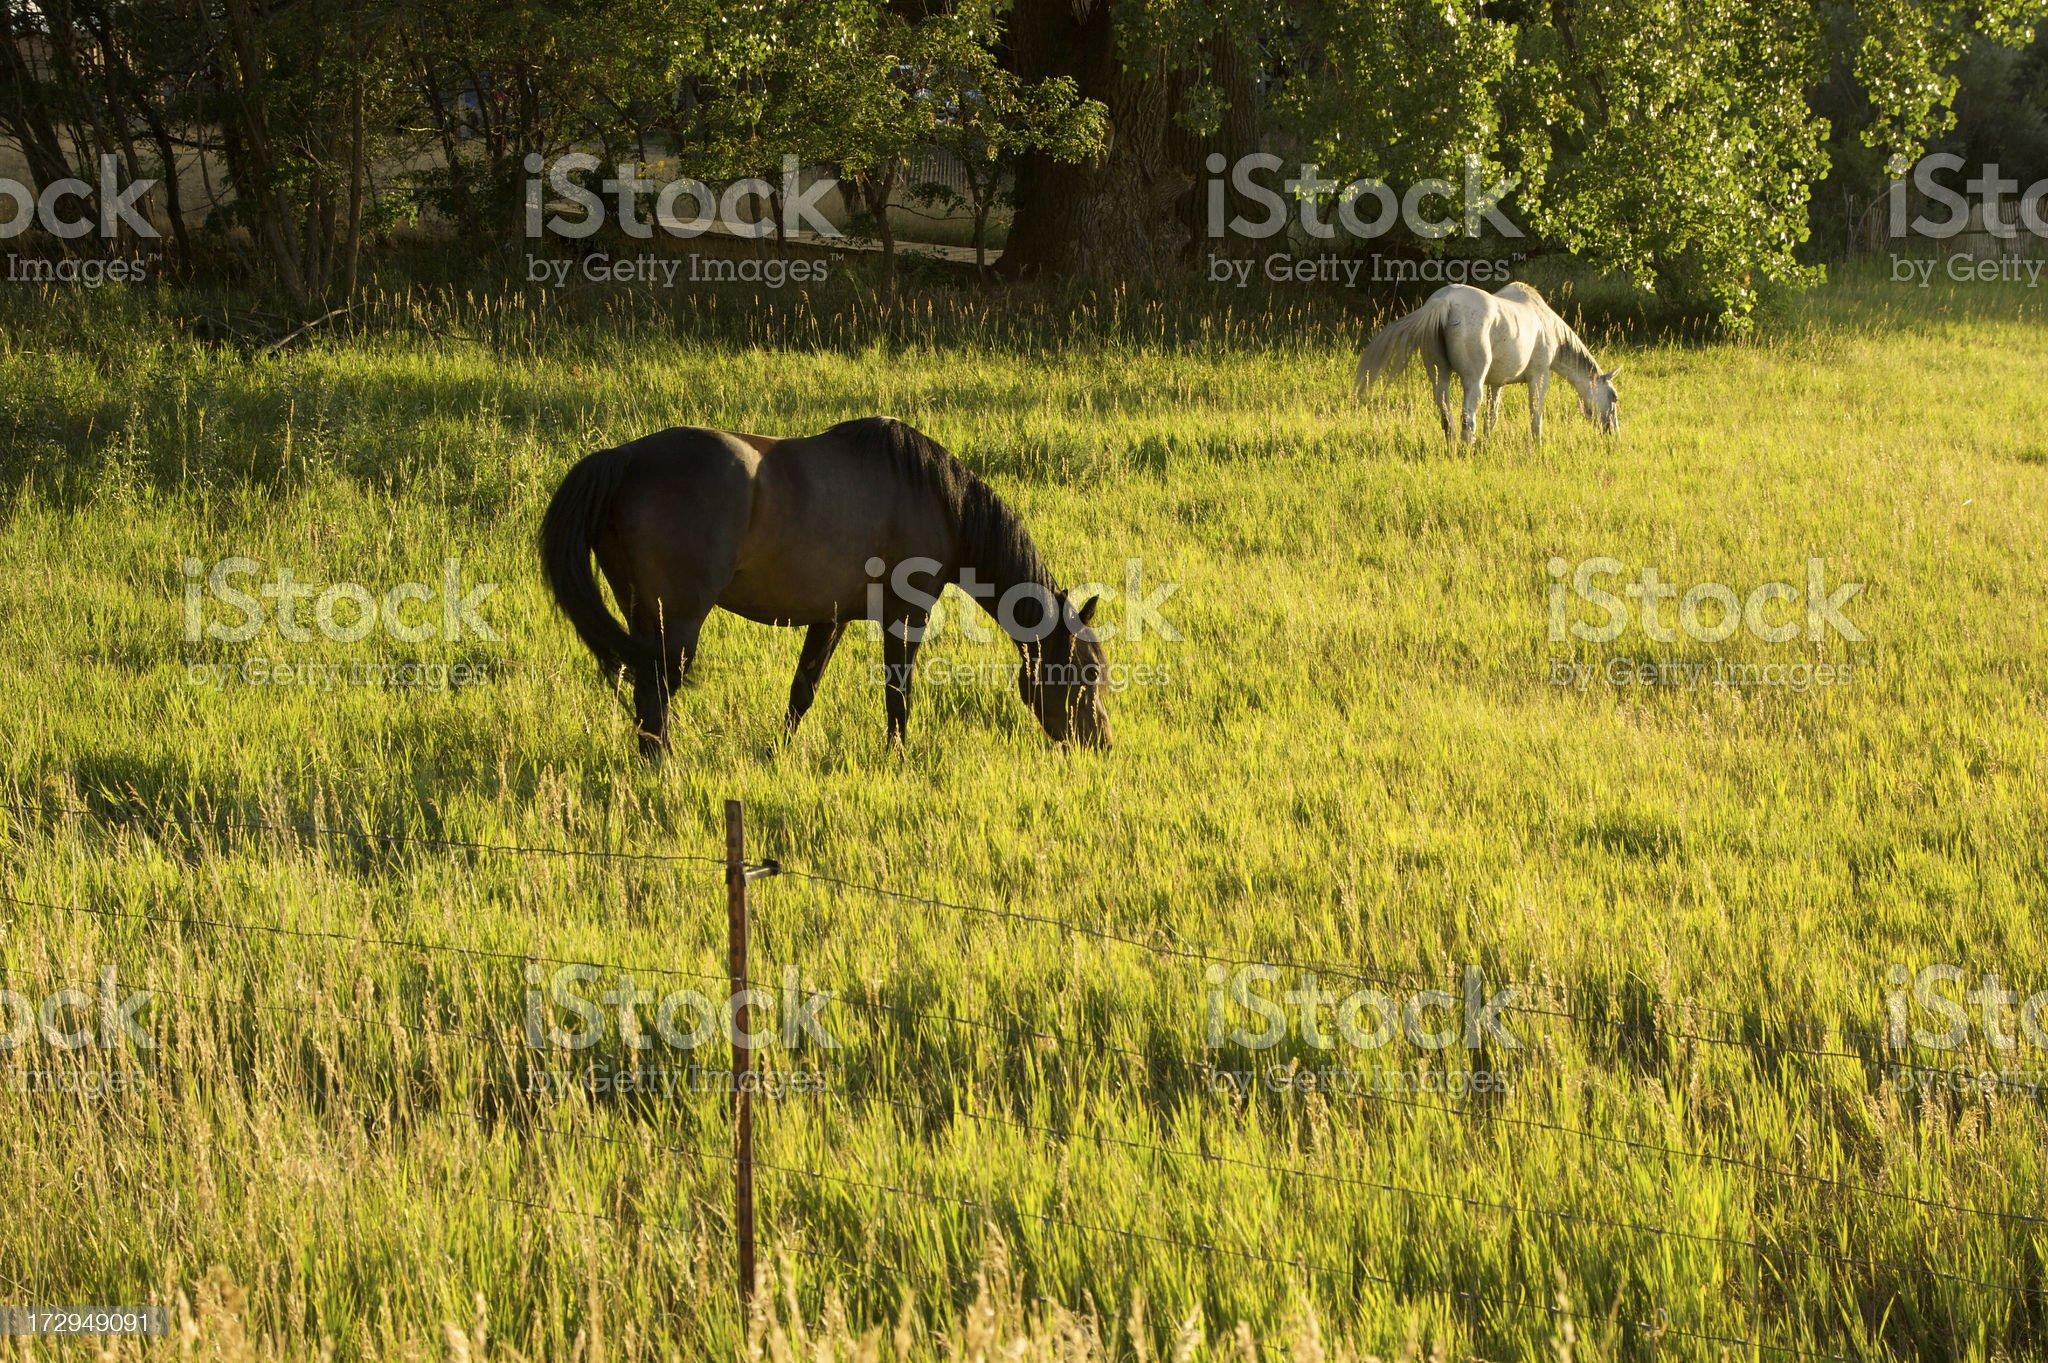 Horses at Dusk royalty-free stock photo